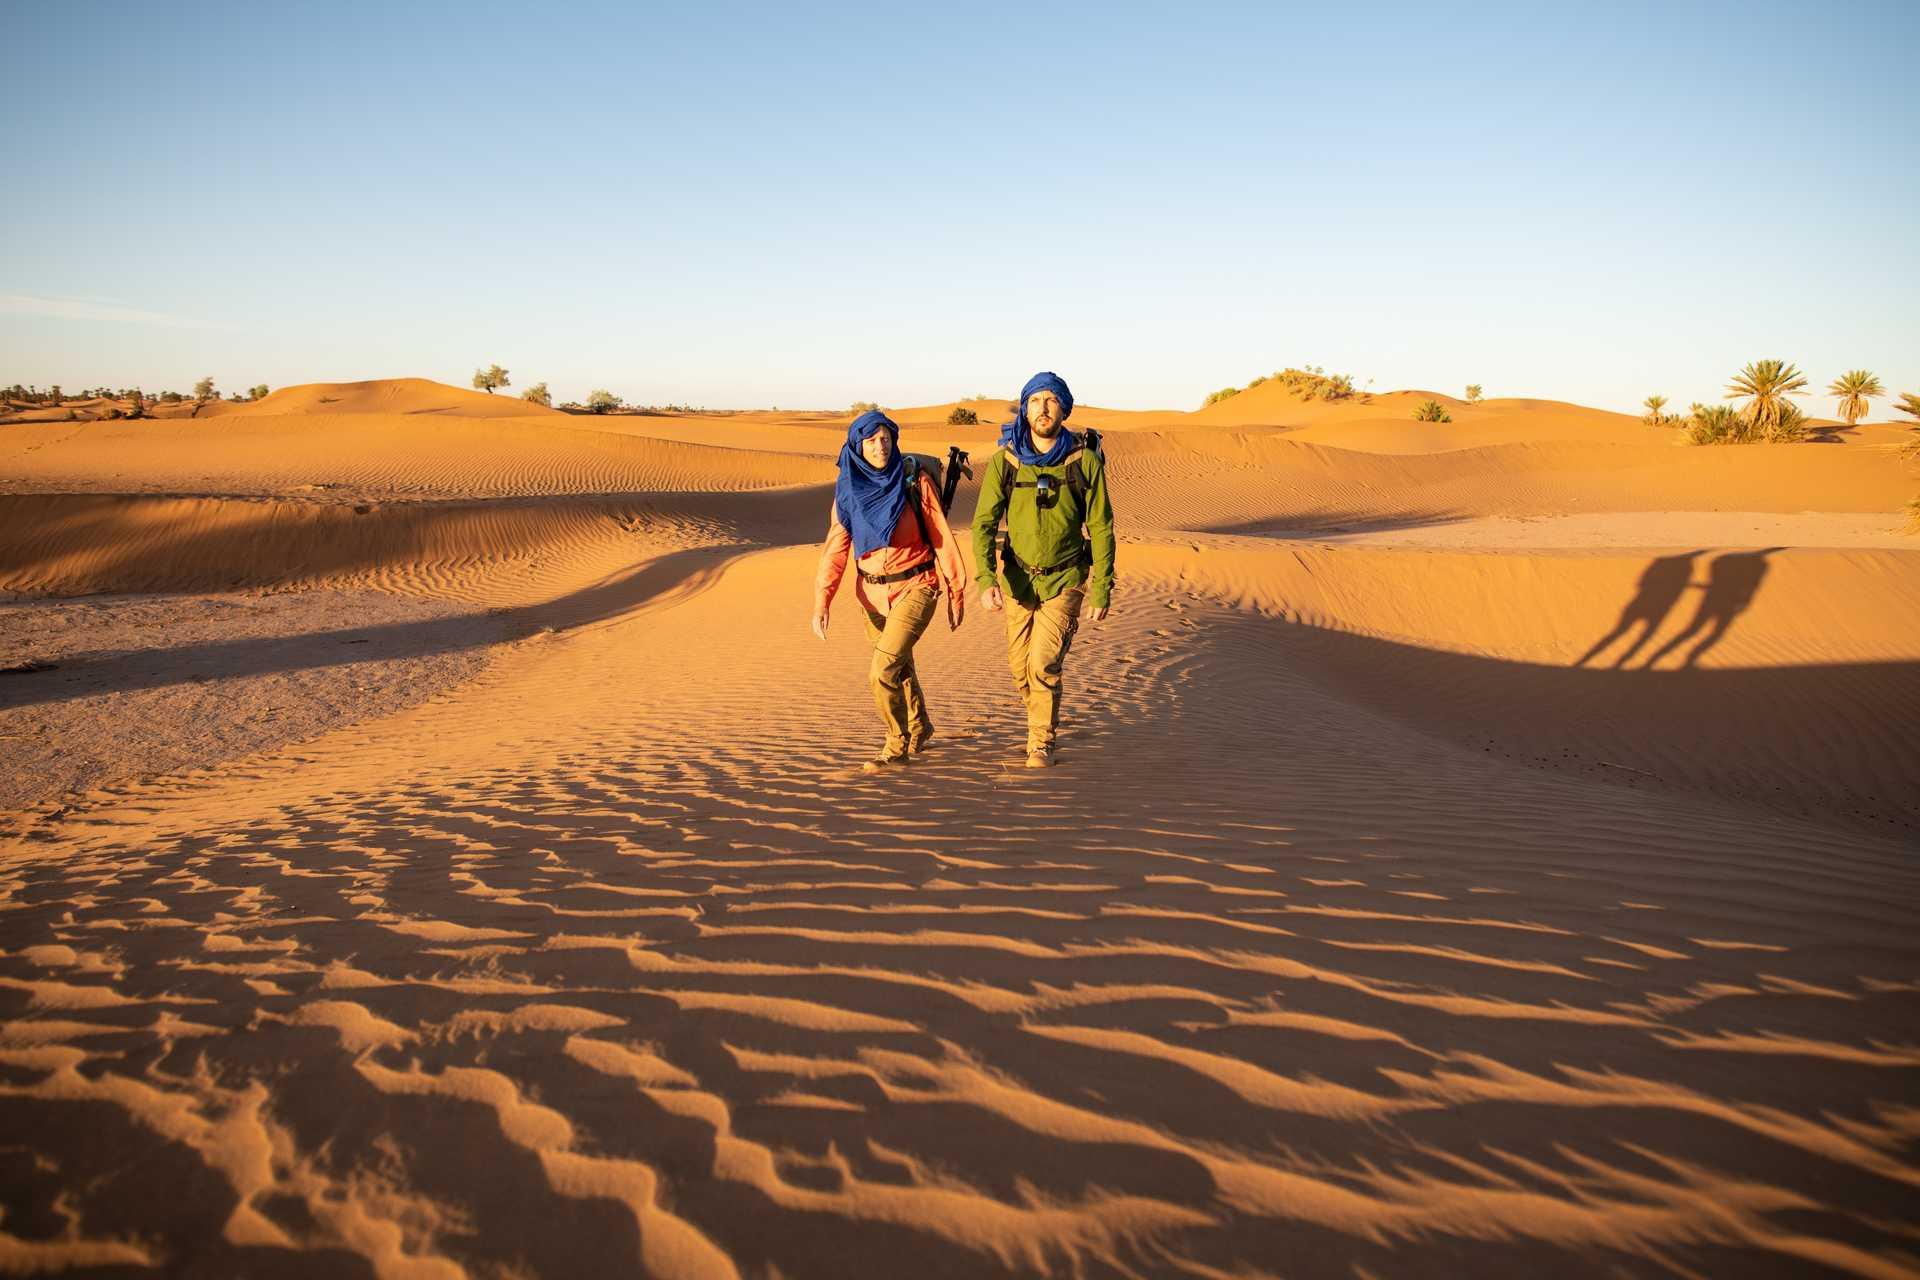 Trekkeurs dans les dunes des sable du désert